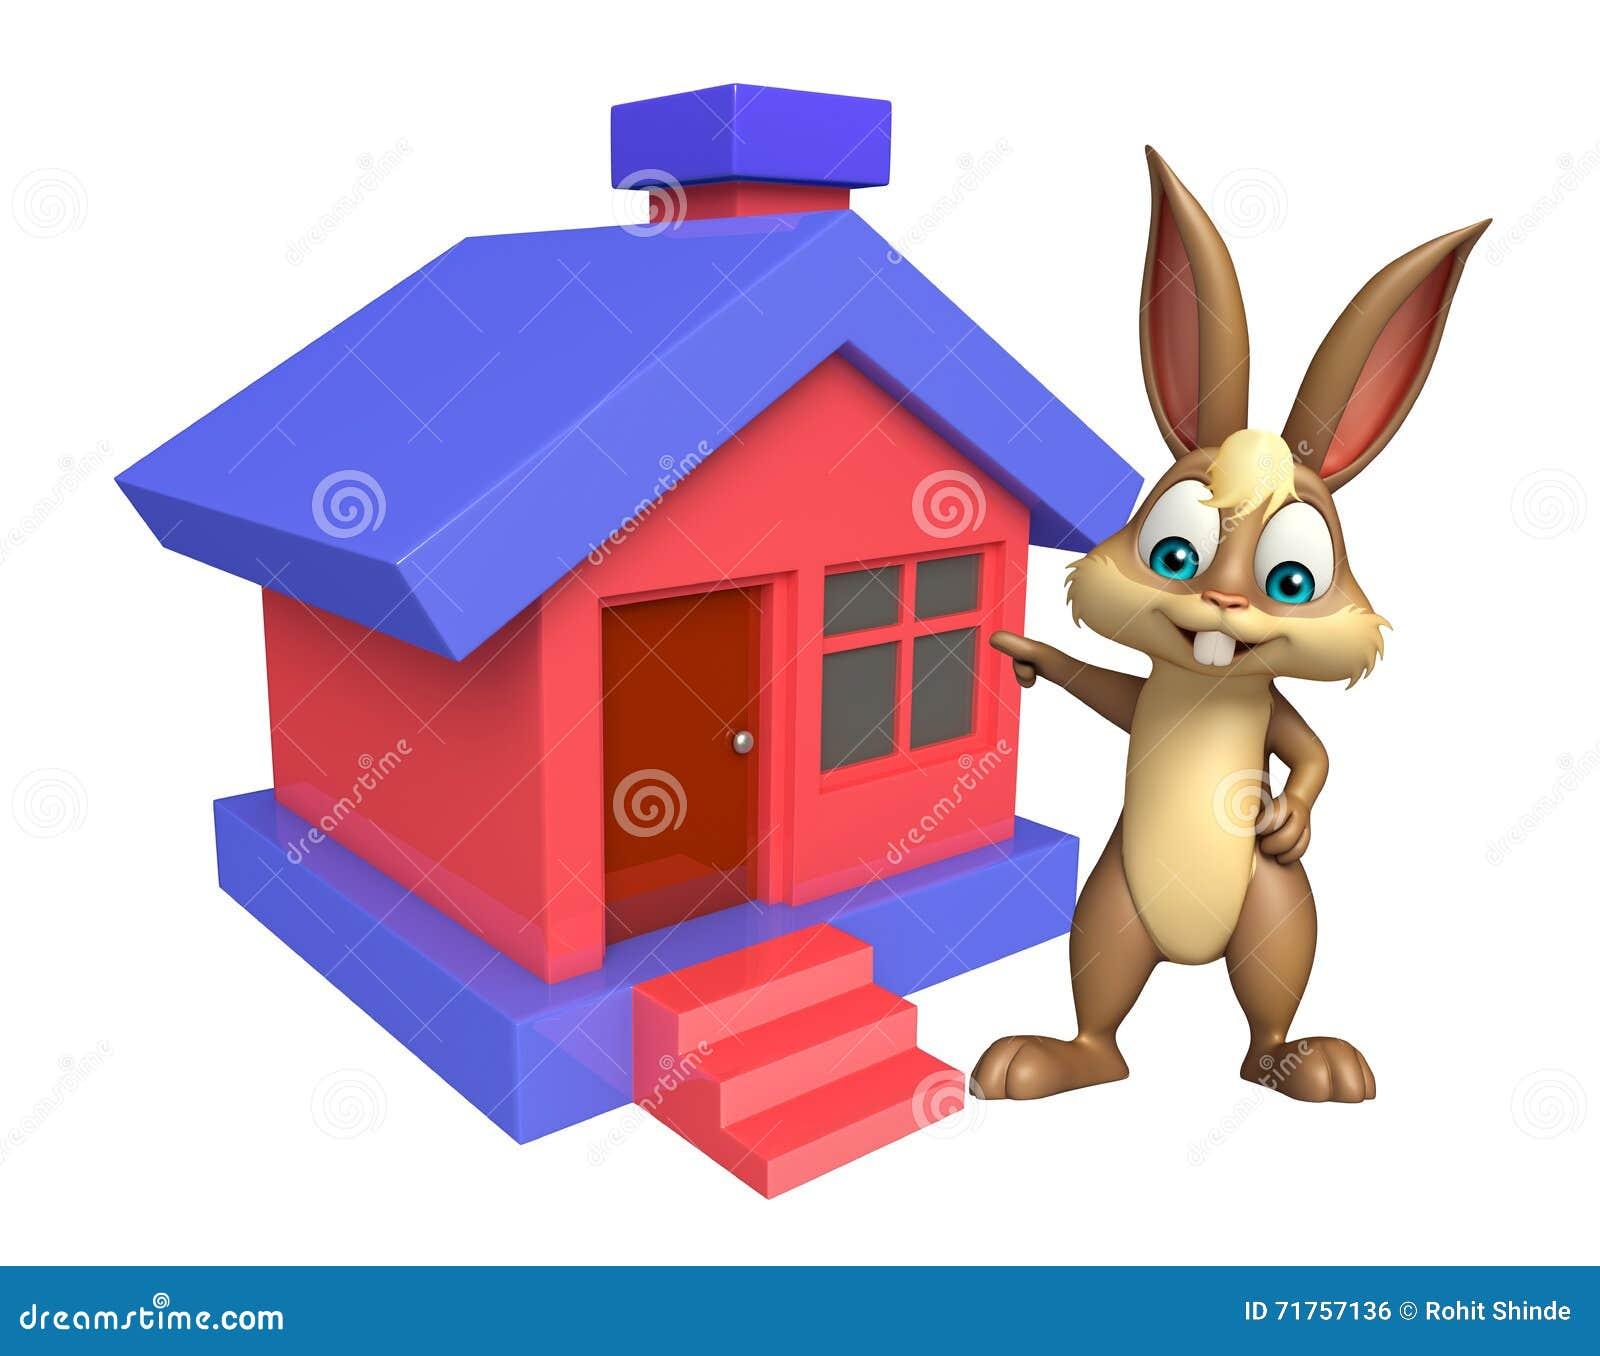 Χαριτωμένος χαρακτήρας κινουμένων σχεδίων λαγουδάκι με το σπίτι